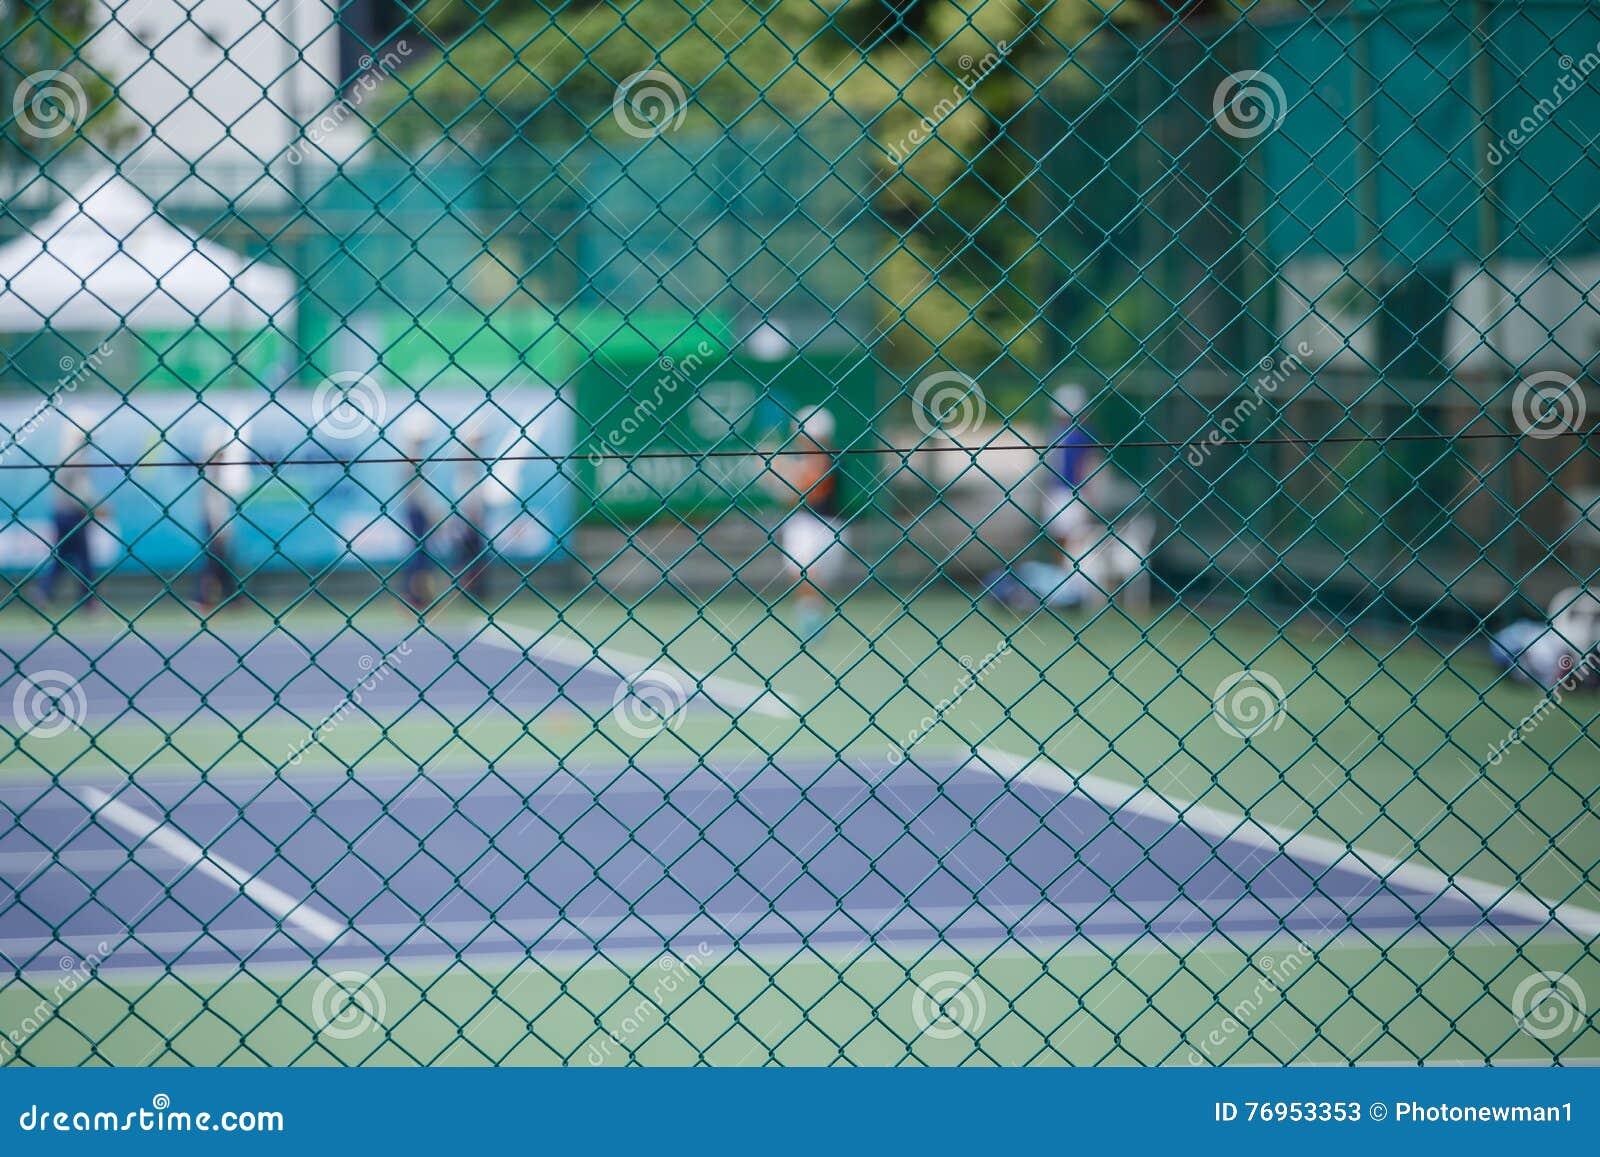 Barrière en acier de maille des courts de tennis